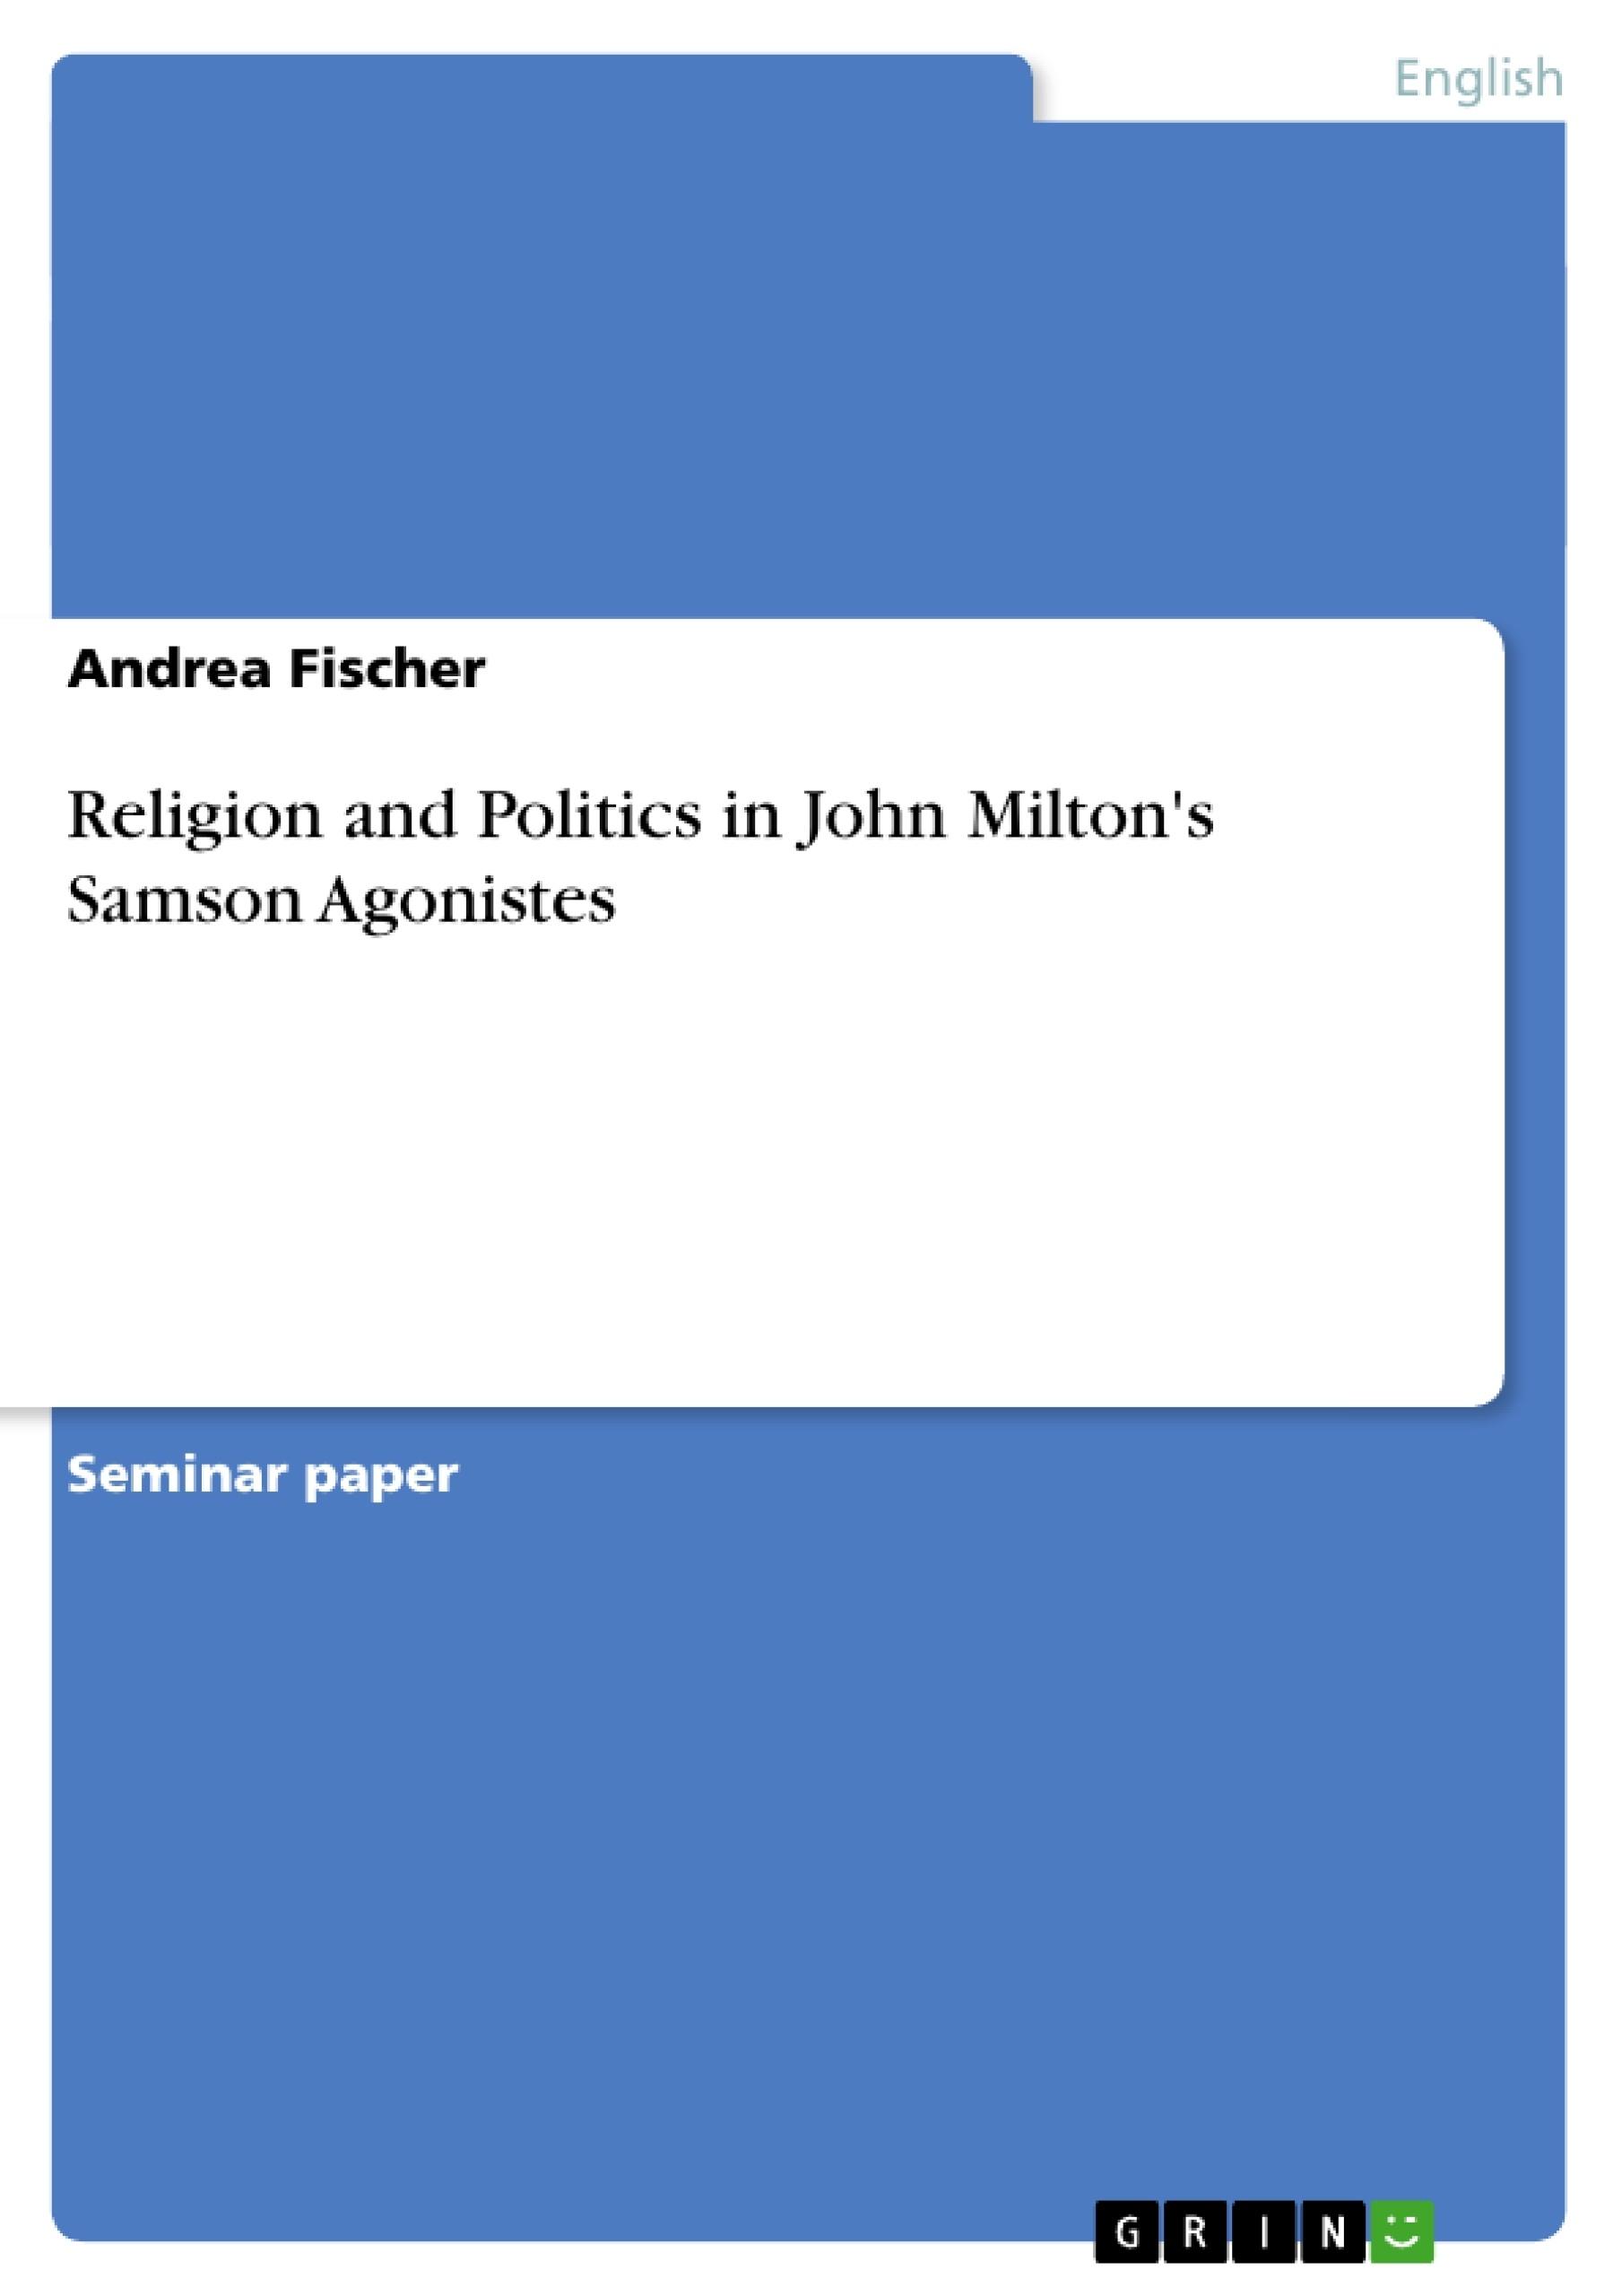 Title: Religion and Politics in John Milton's Samson Agonistes